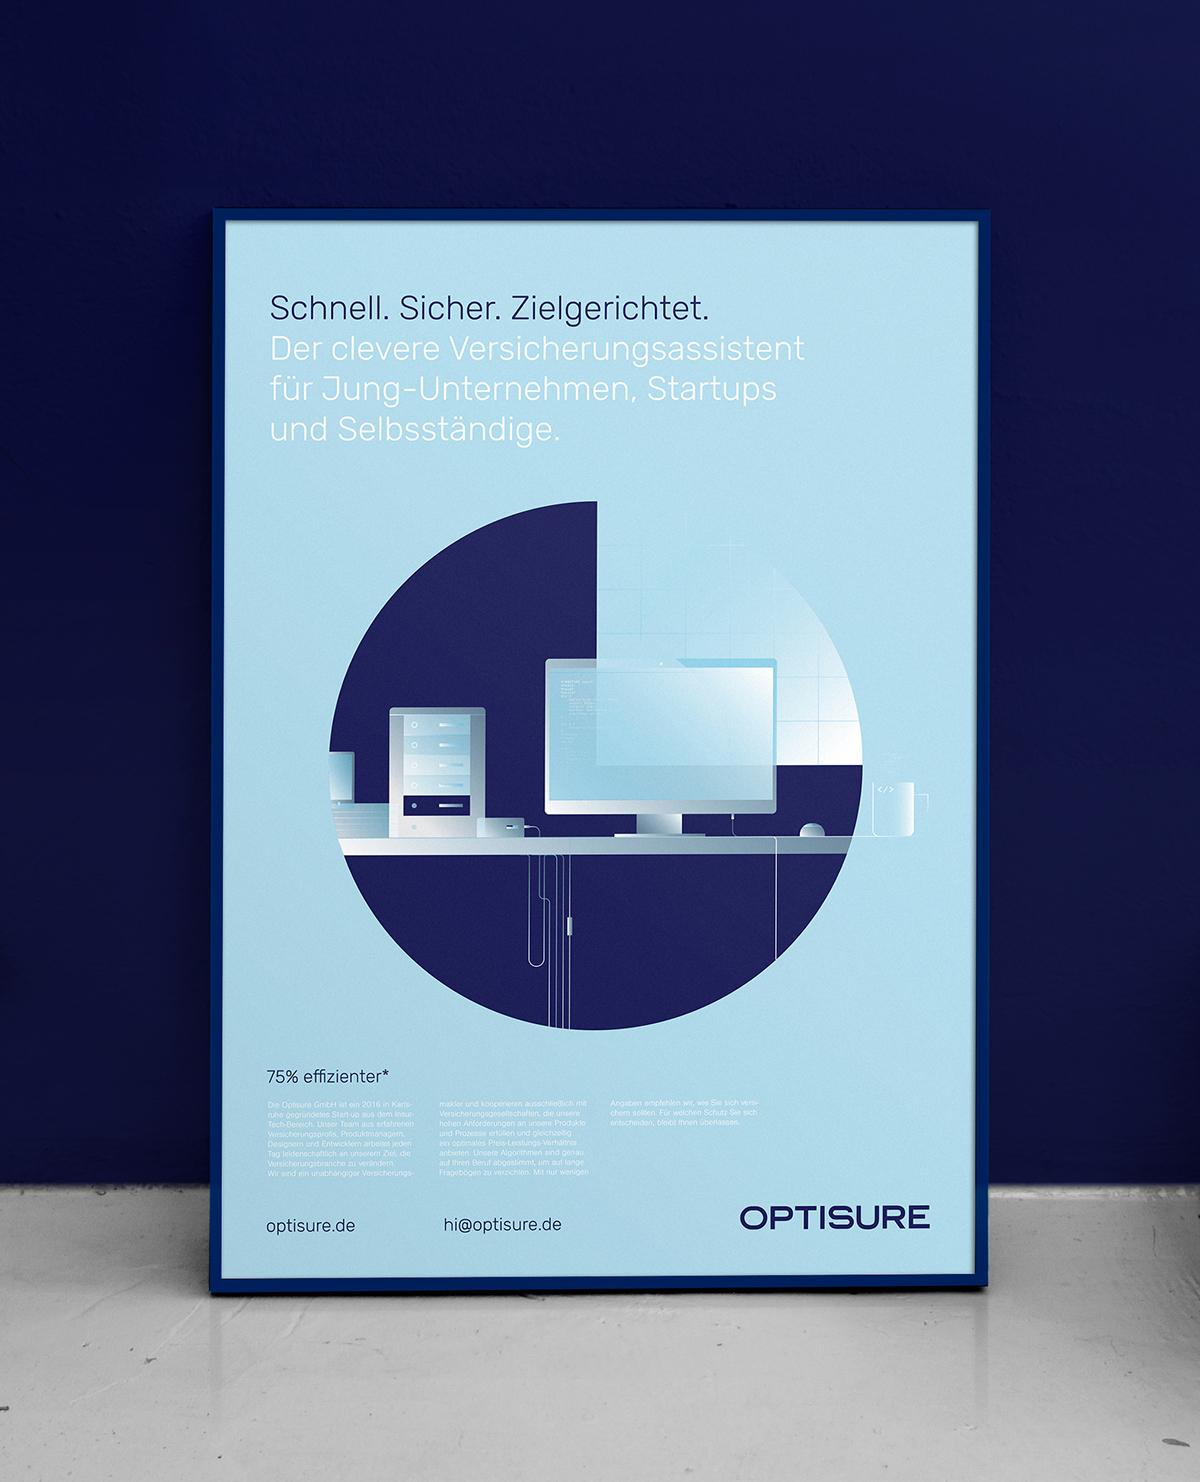 OPTISURE保险品牌设计 欣赏-第14张